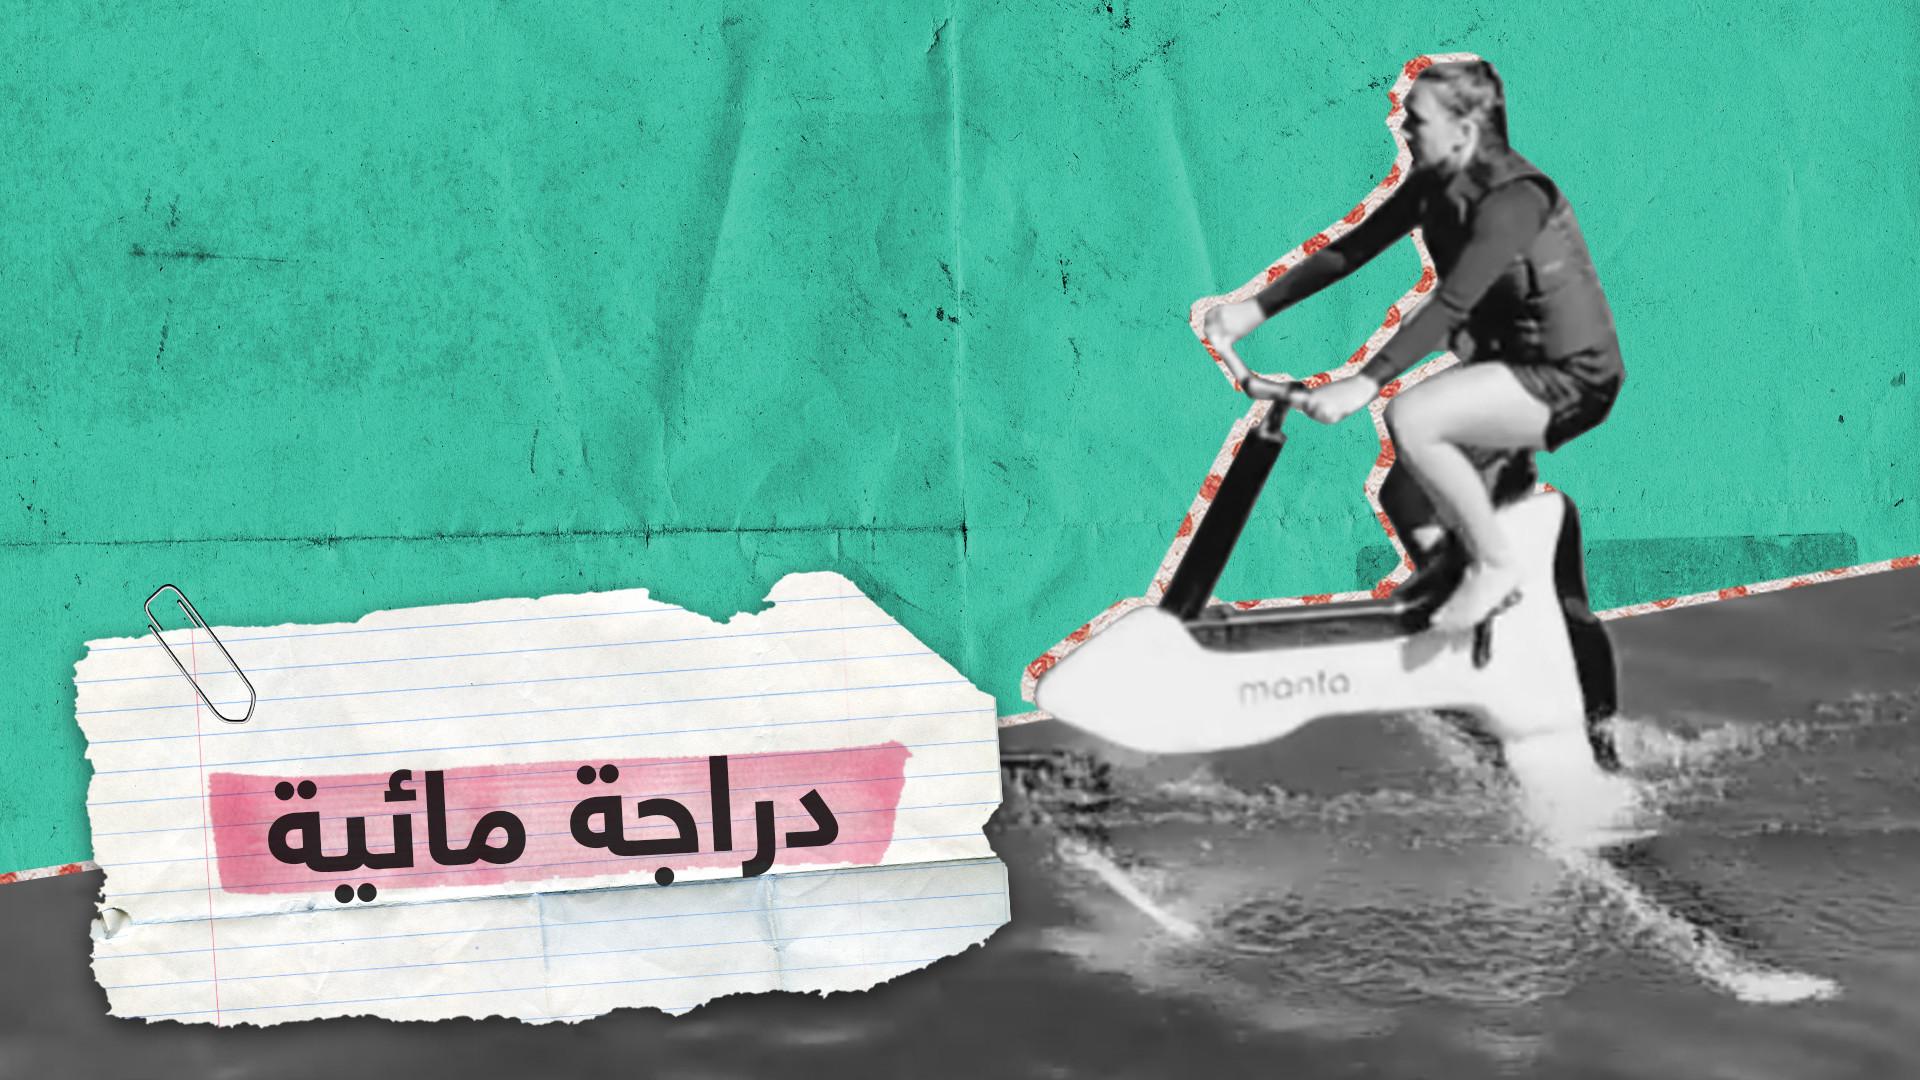 بالفيديو.. دراجة مائية مذهلة تشق البحر بسهولة